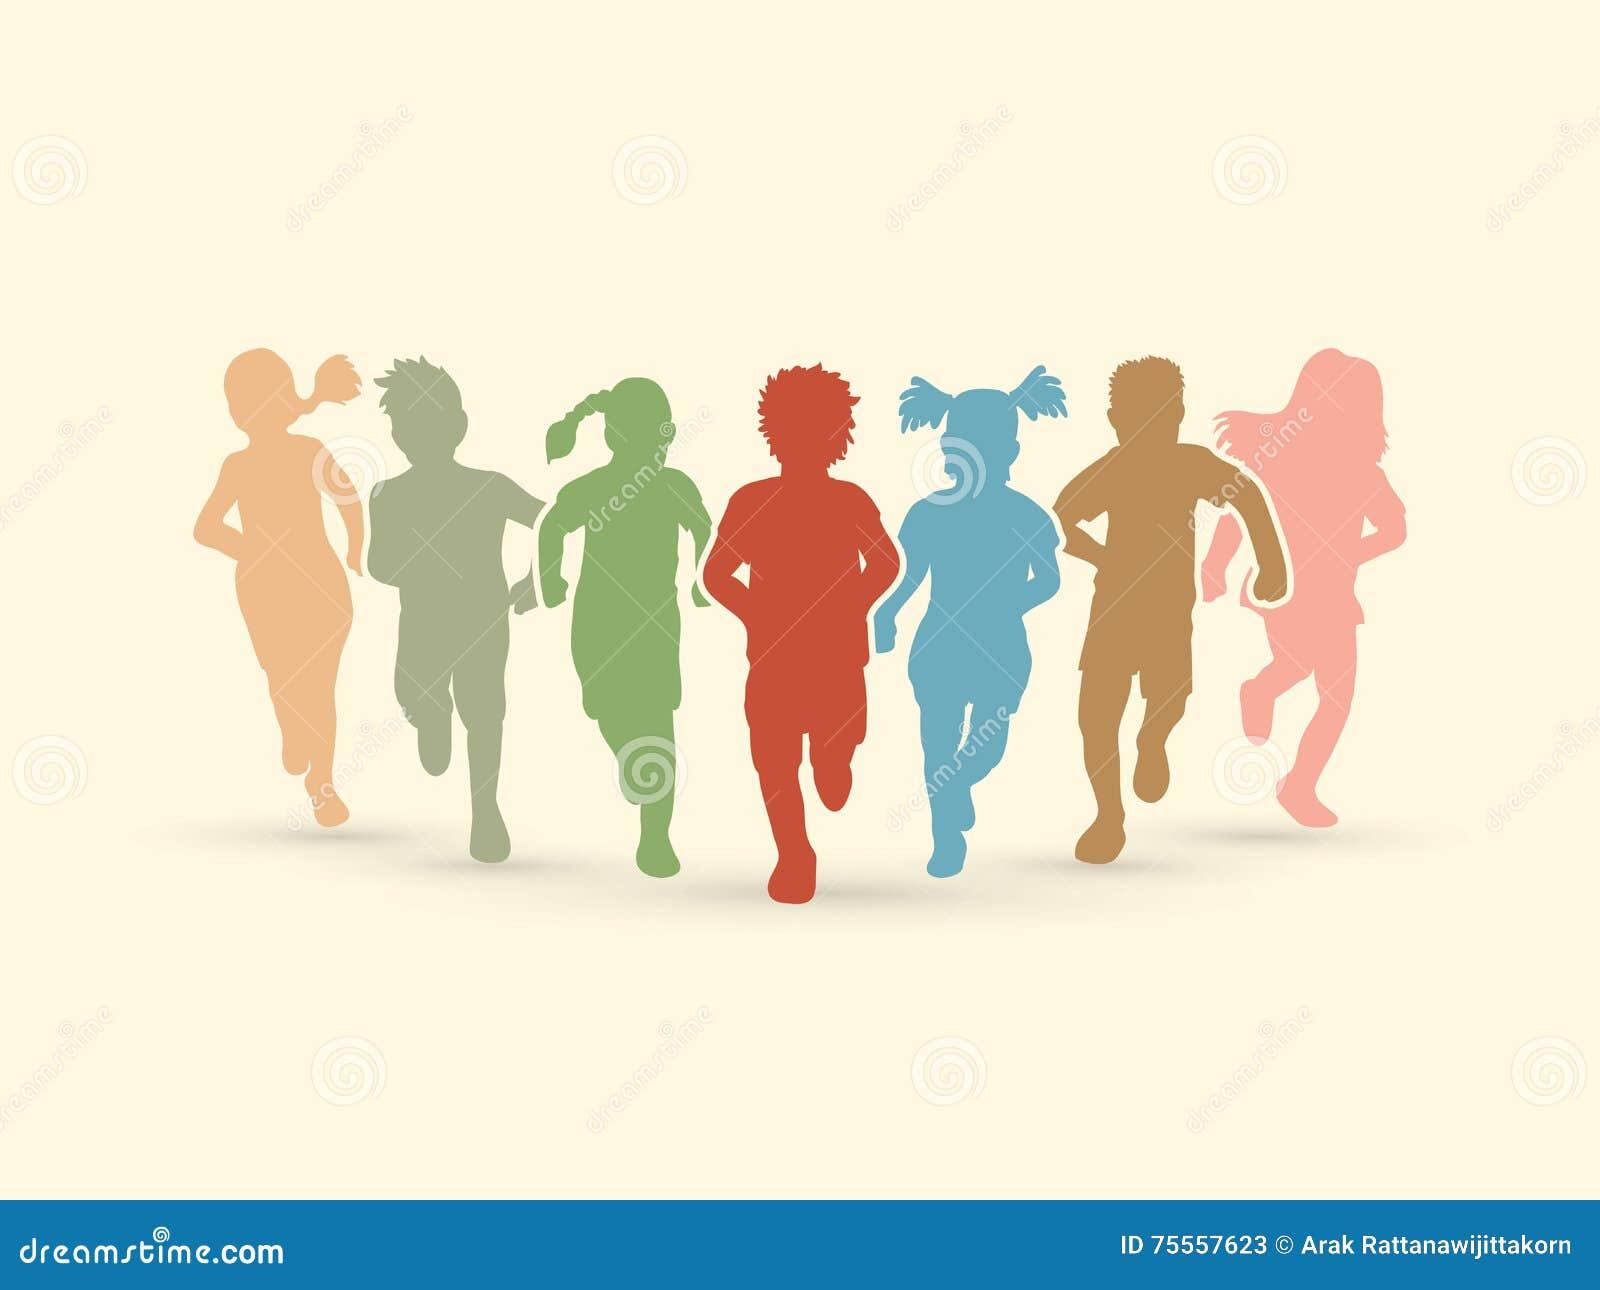 Disegno Di Bambino Che Corre : Bambini che eseguono una corsa nella regione selvaggia illustrazione